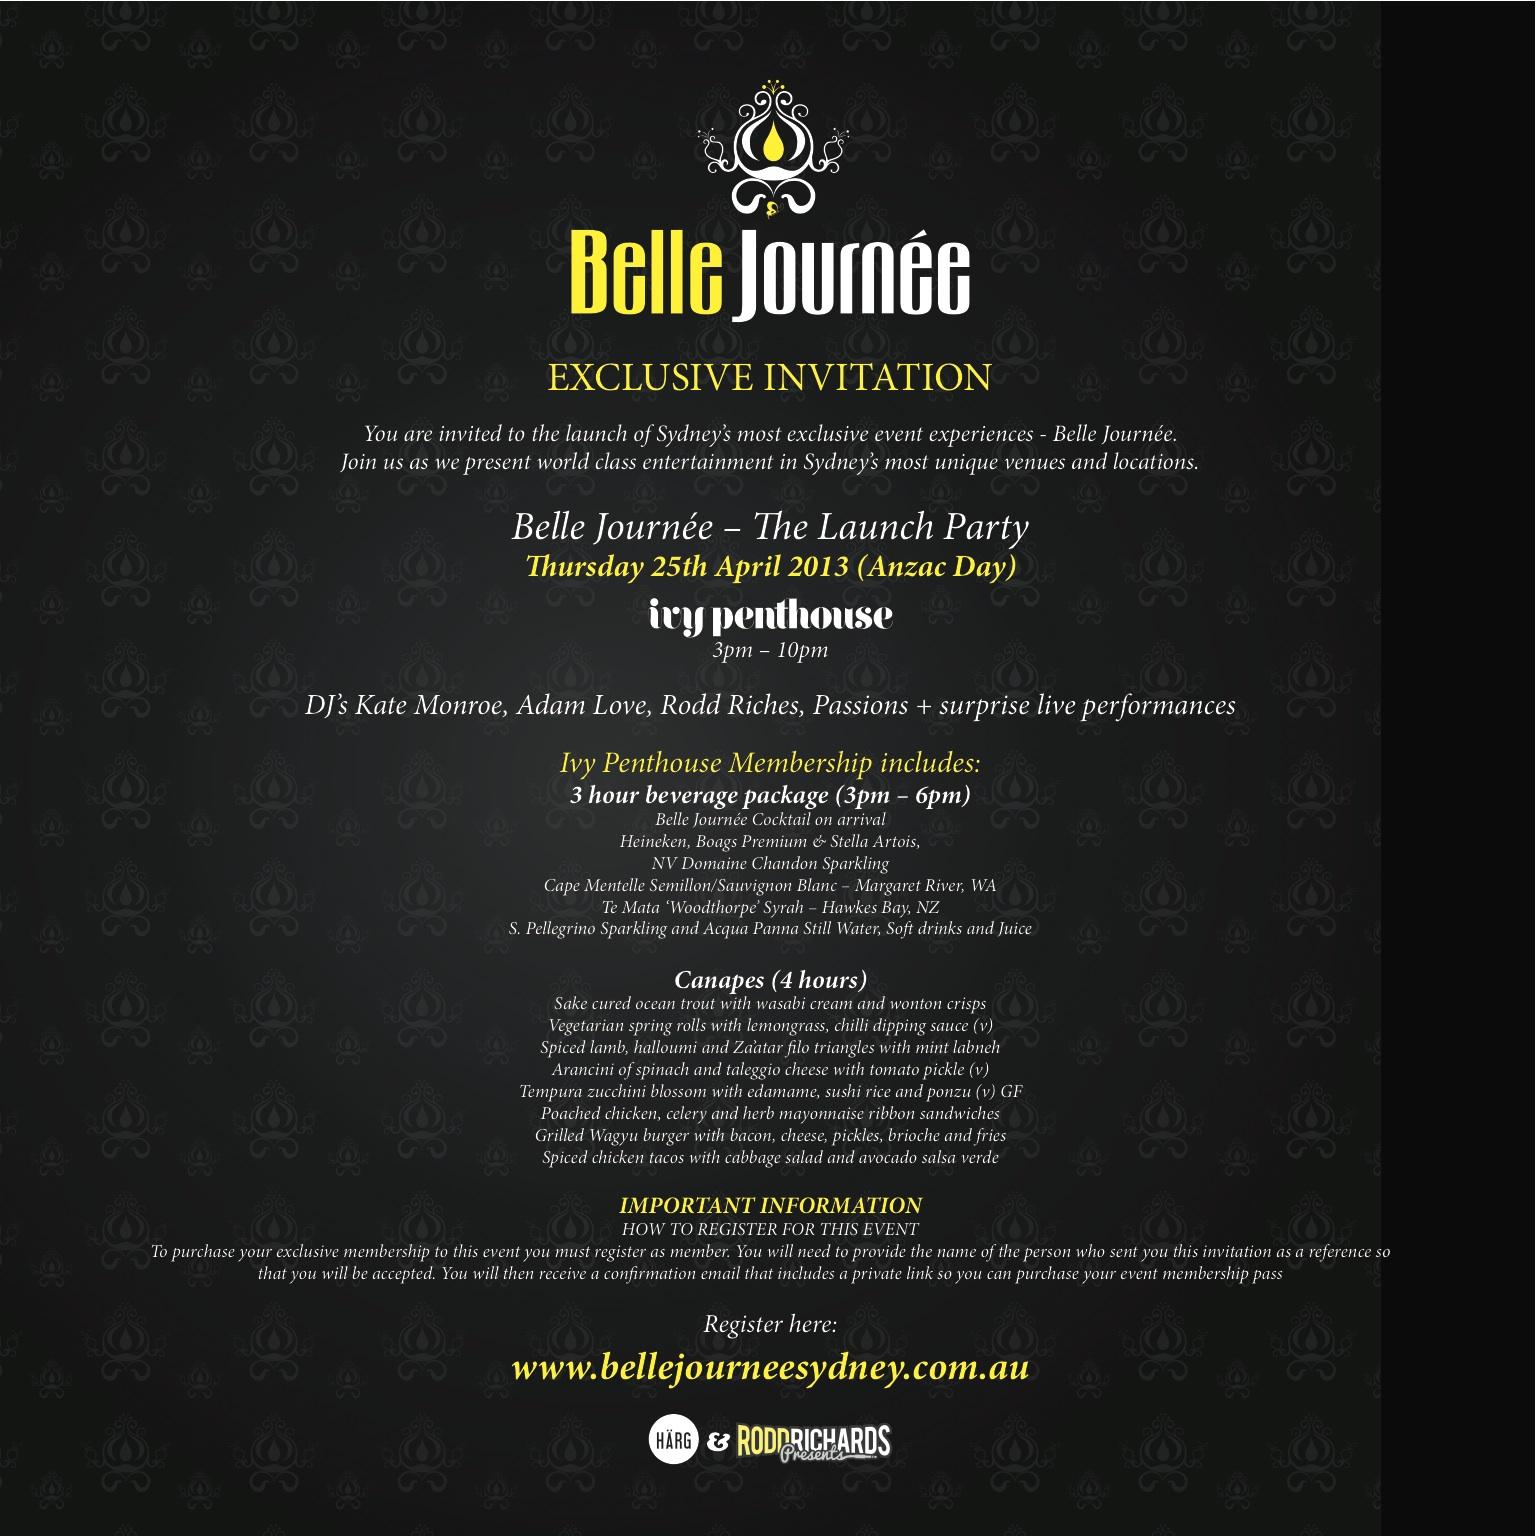 Belle Journée e-invite